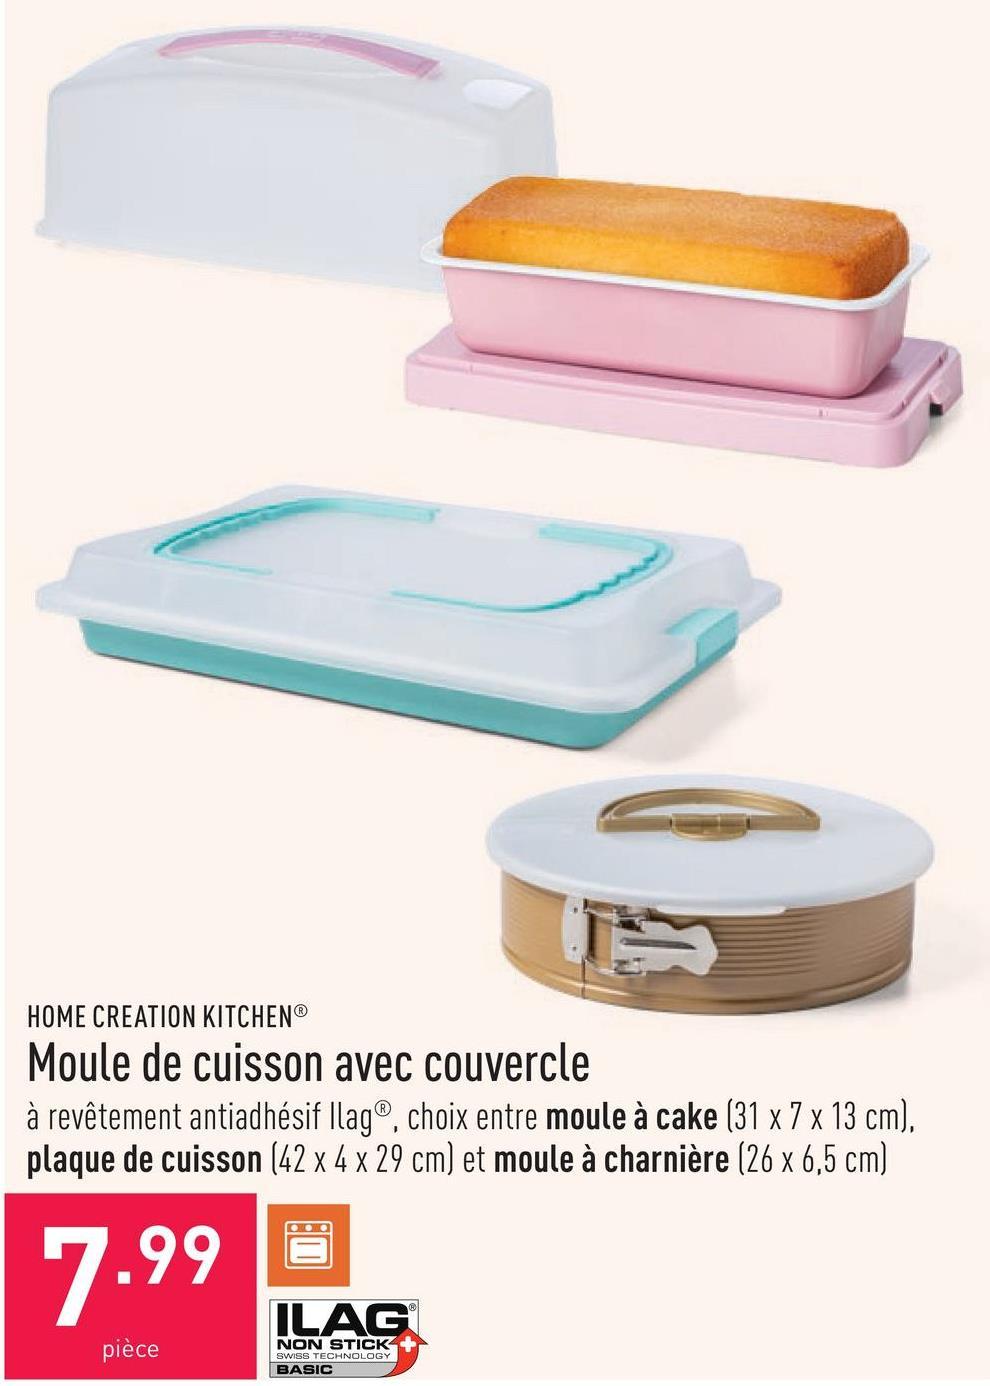 Moule de cuisson avec couvercle à revêtement antiadhésif Ilag®, choix entre moule à cake (31 x 7 x 13 cm), plaque de cuisson (42 x 4 x 29 cm) et moule à charnière (26 x 6,5 cm)